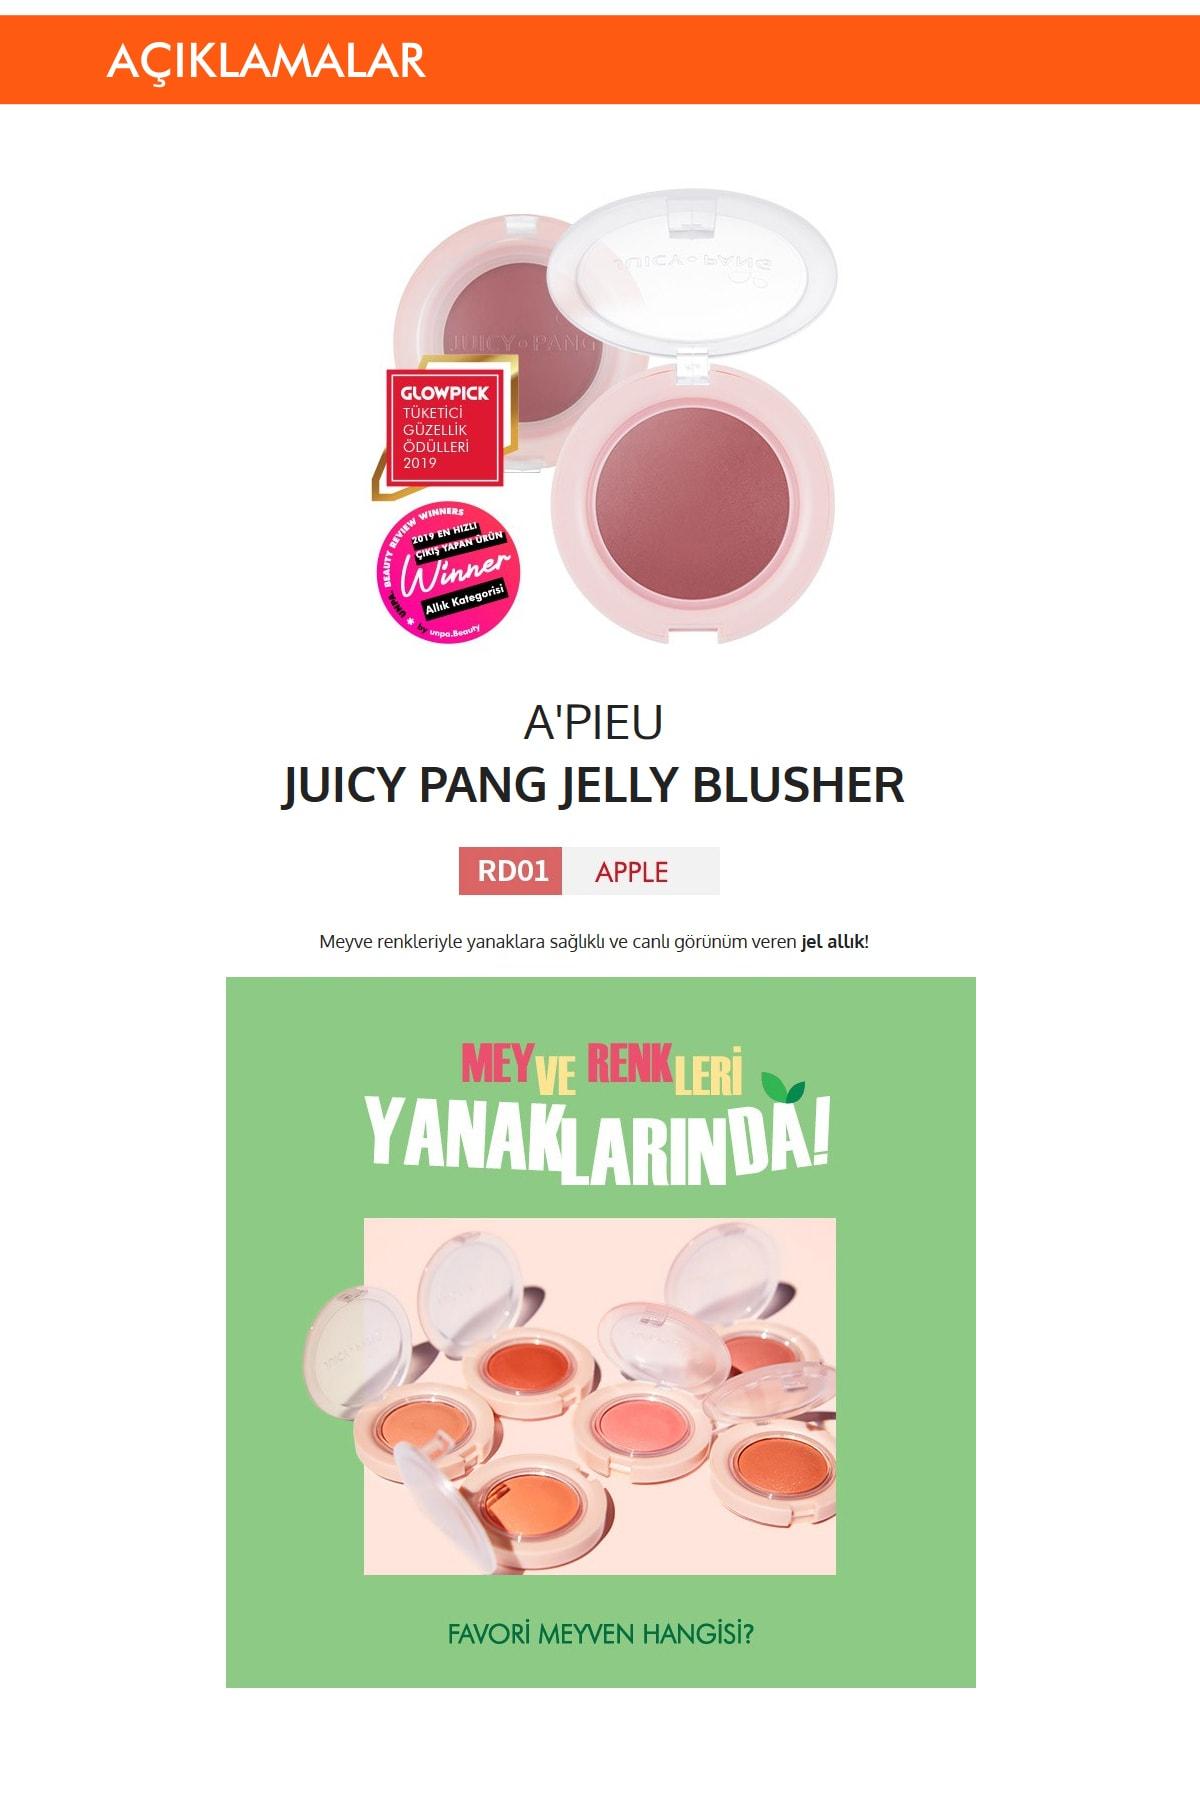 Missha A'PIEU Juicy-Pang Jelly Blusher (RD01) 1